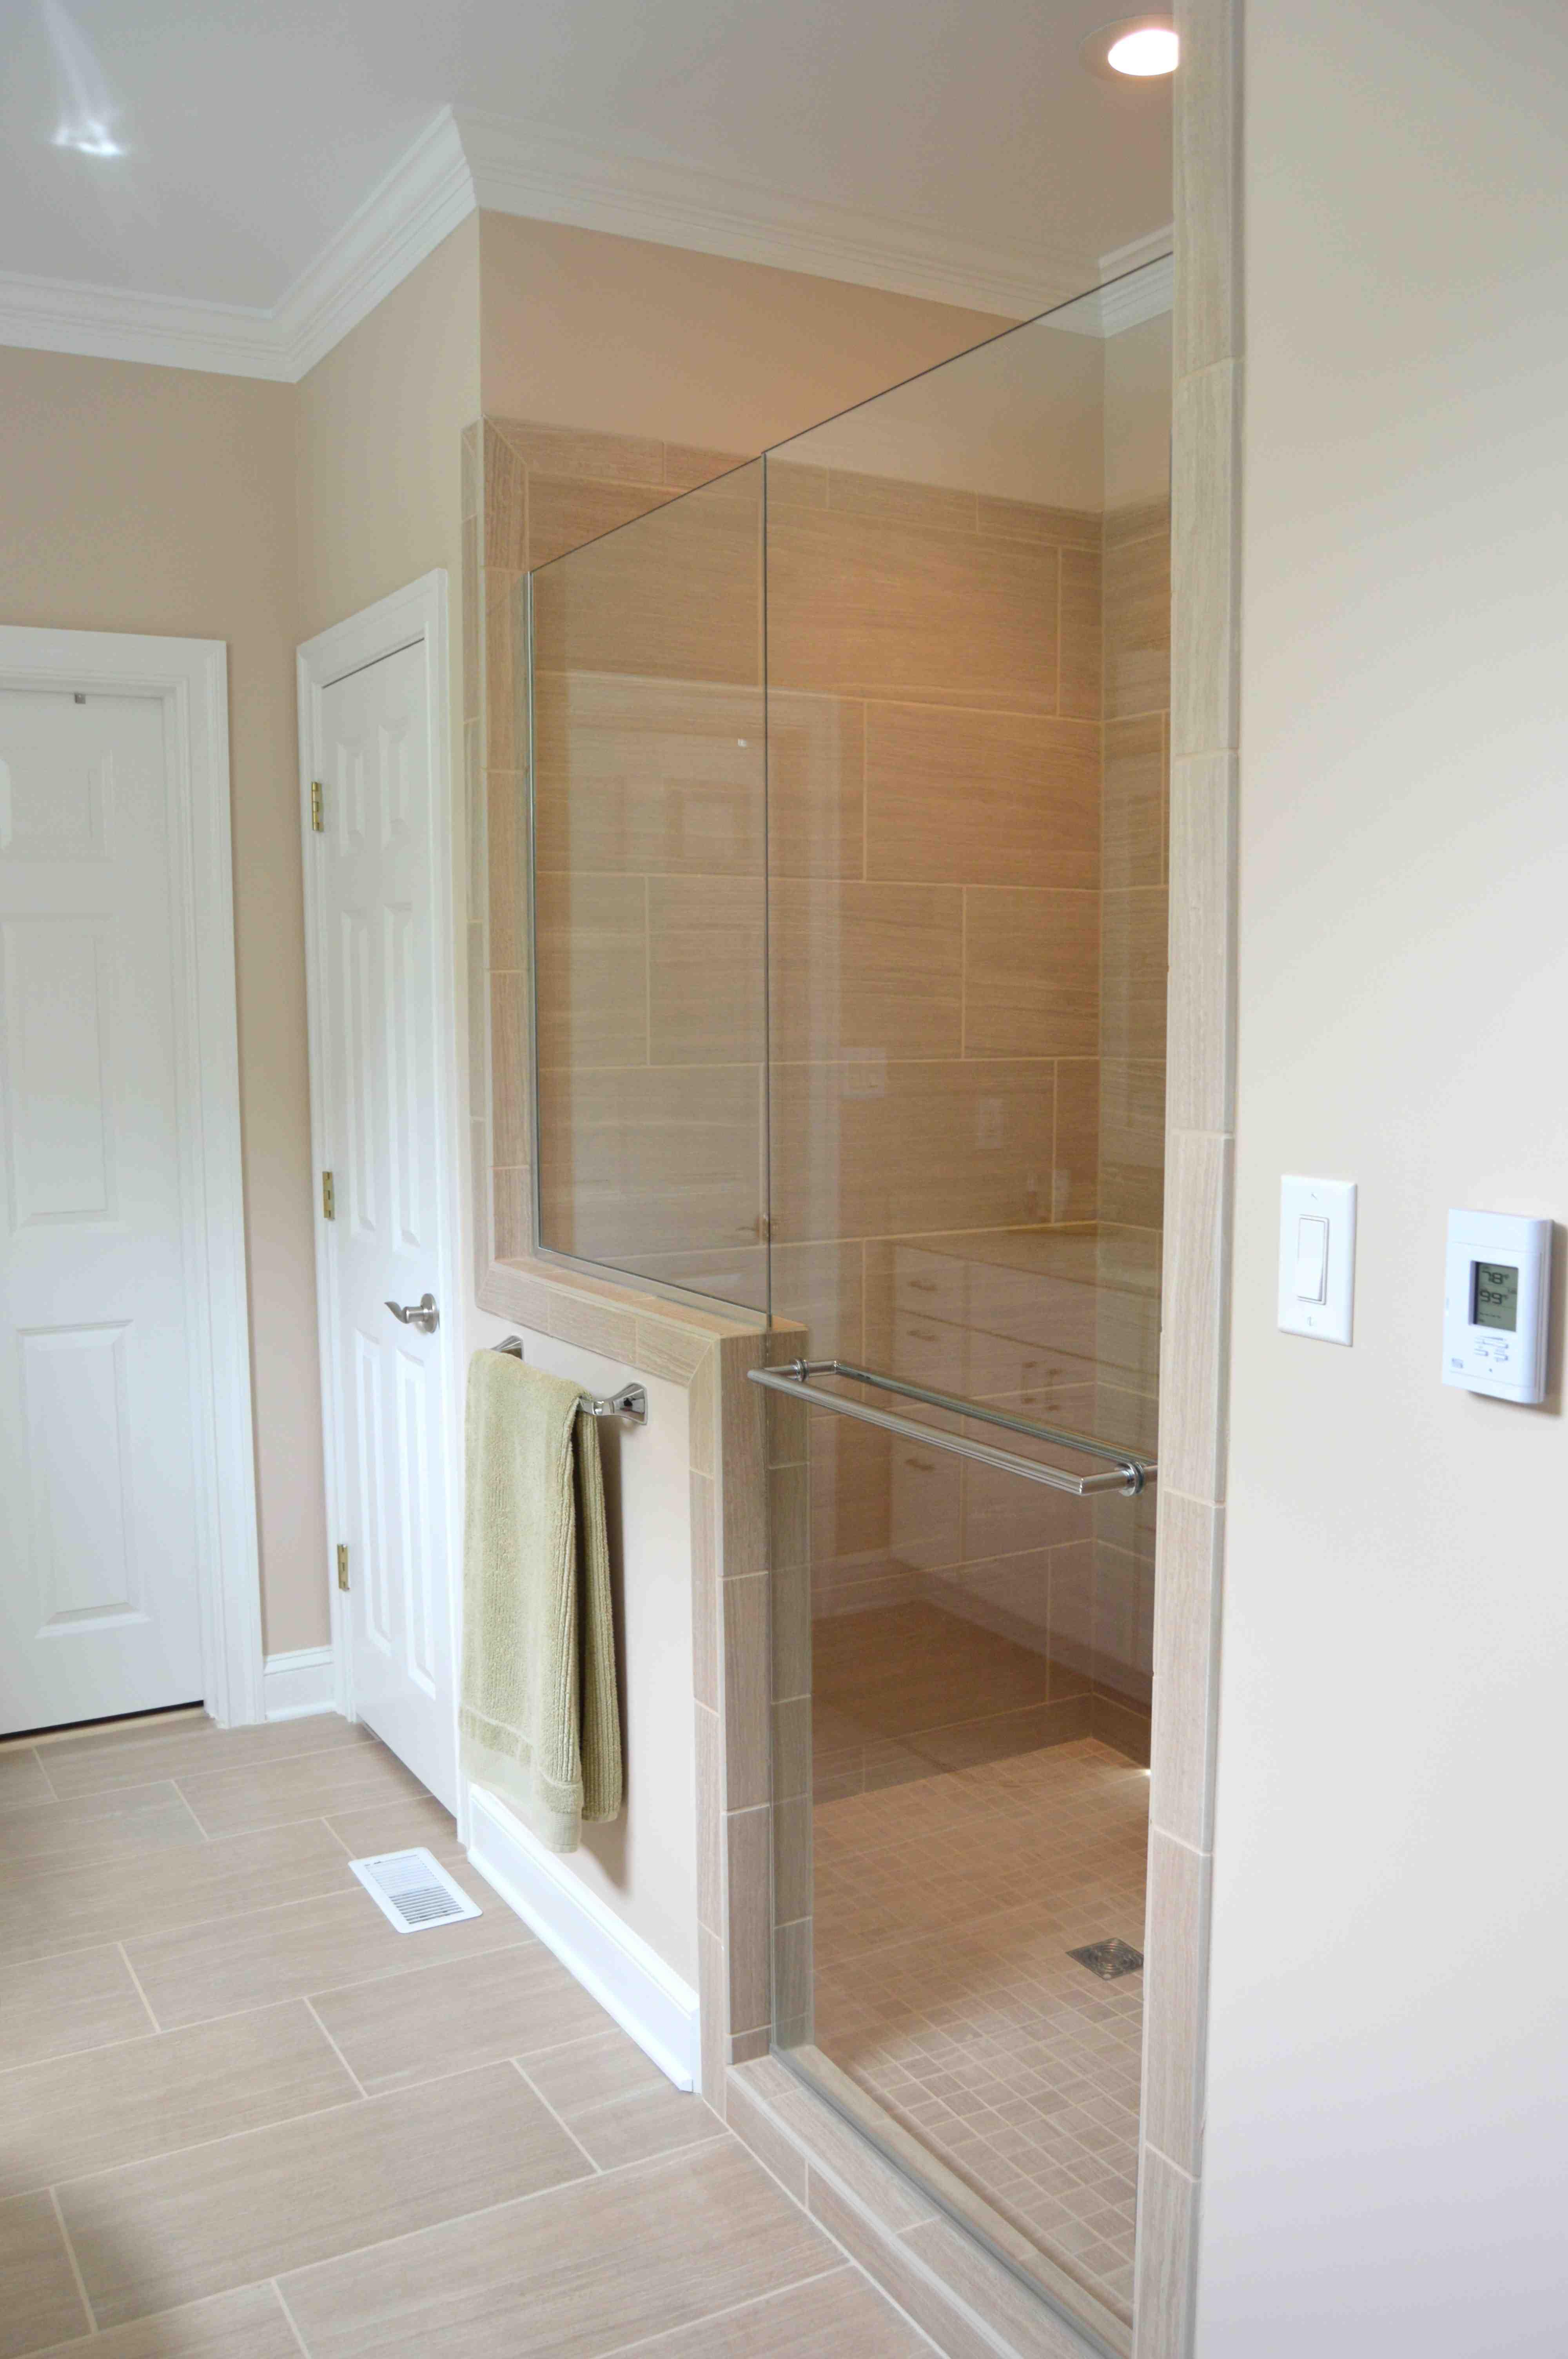 Bathroom Remodel for the Ngo Family - Hatchett Design/Remodel